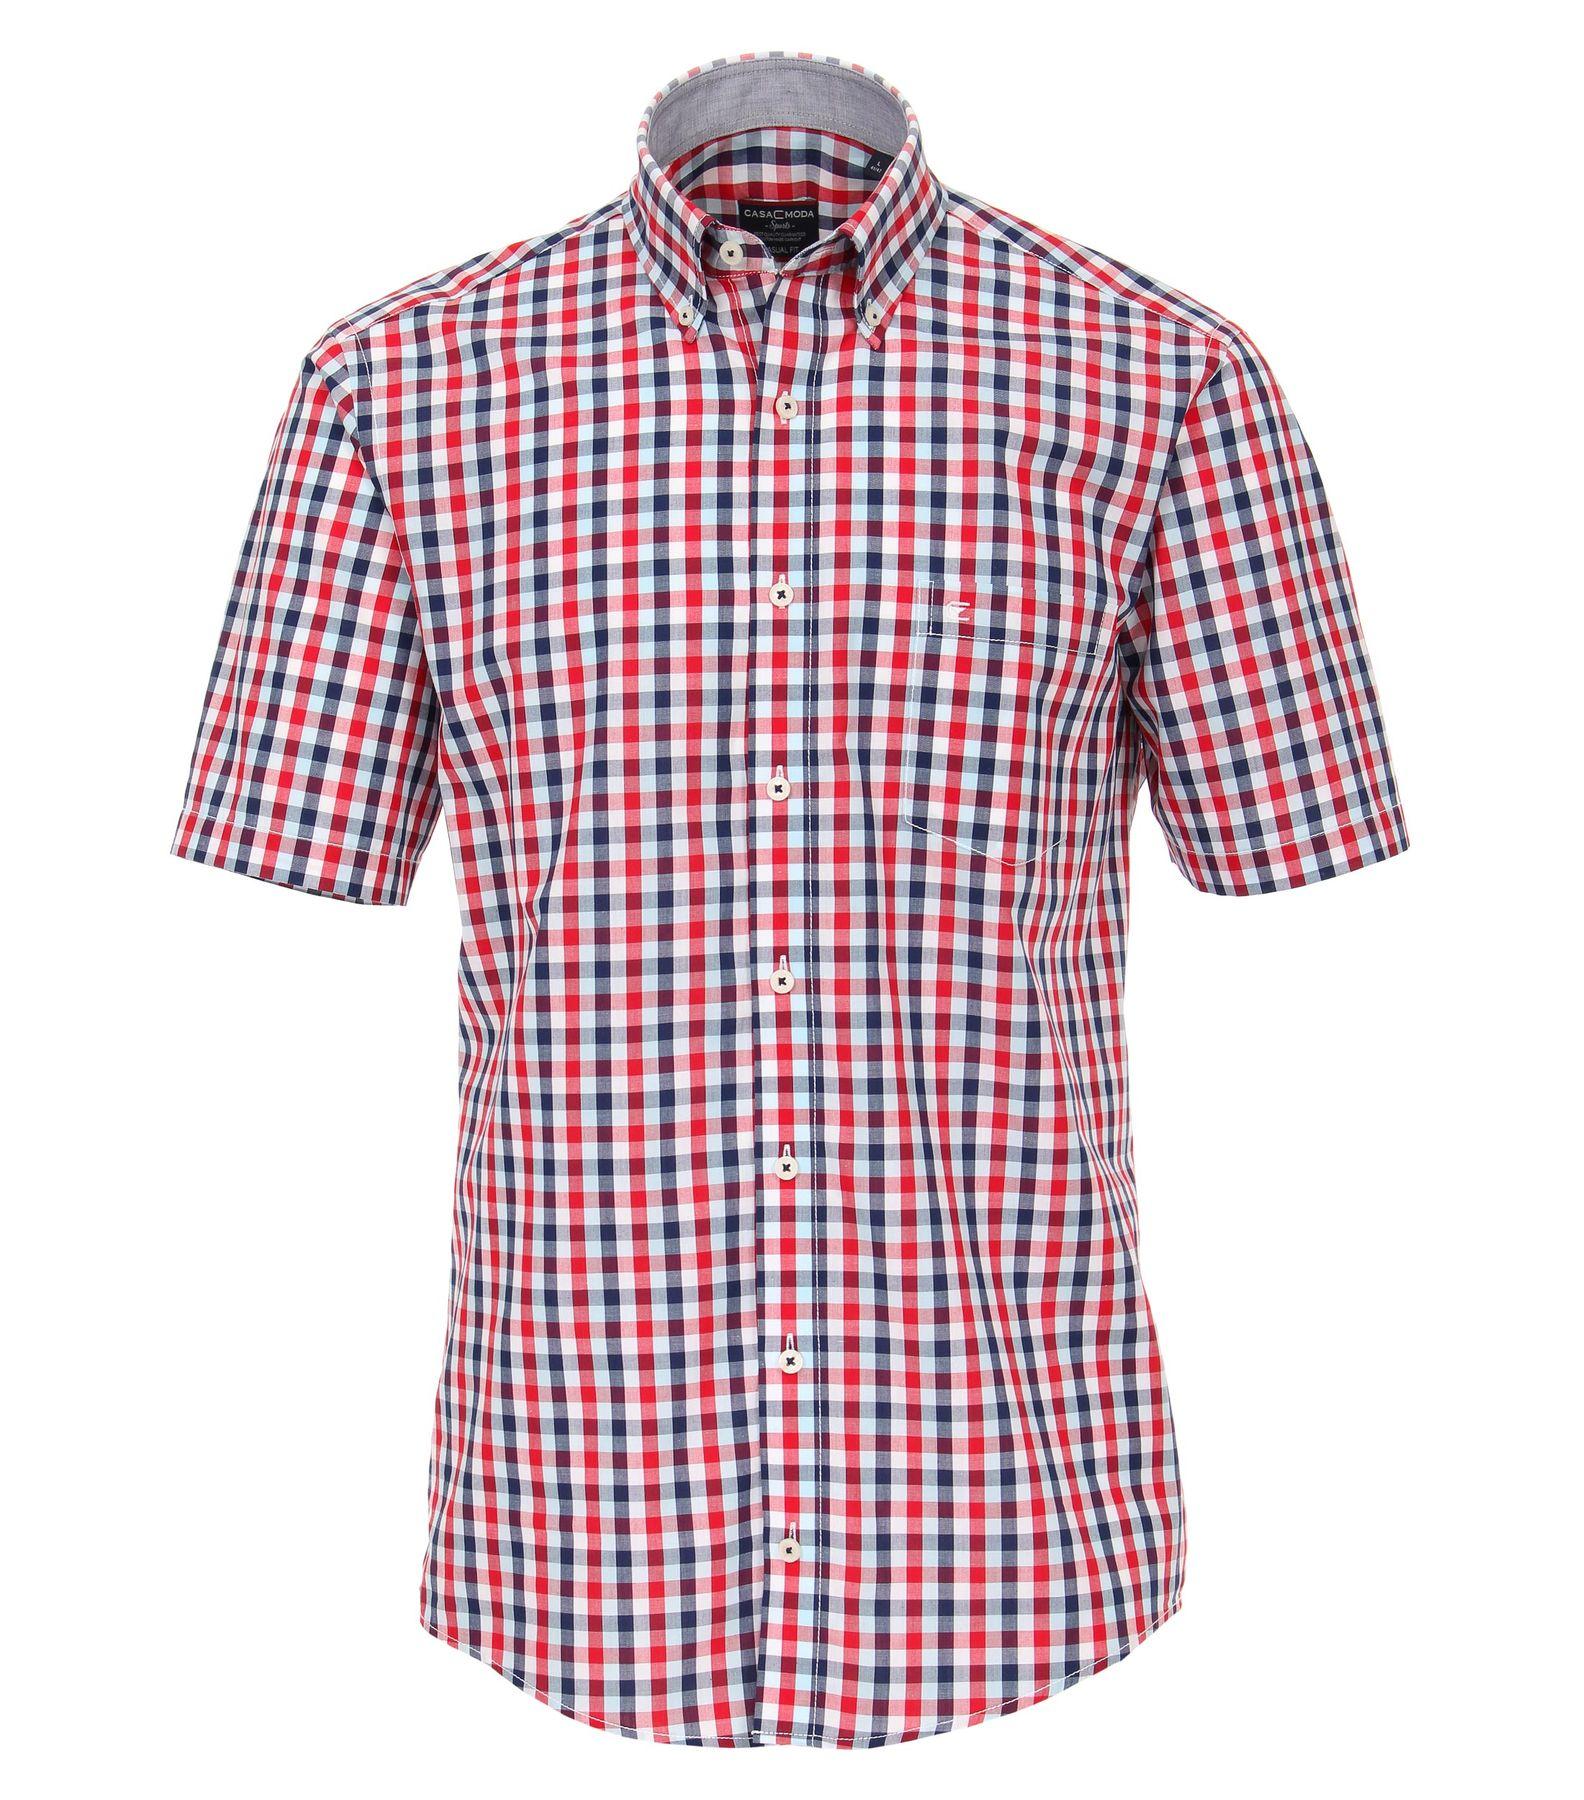 Casa Moda - Casual Fit - Herren Freizeit 1/2-Arm-Hemd in verschiedenen Farben mit Button-Down-Kragen, in Großen Größen (983078900) – Bild 3